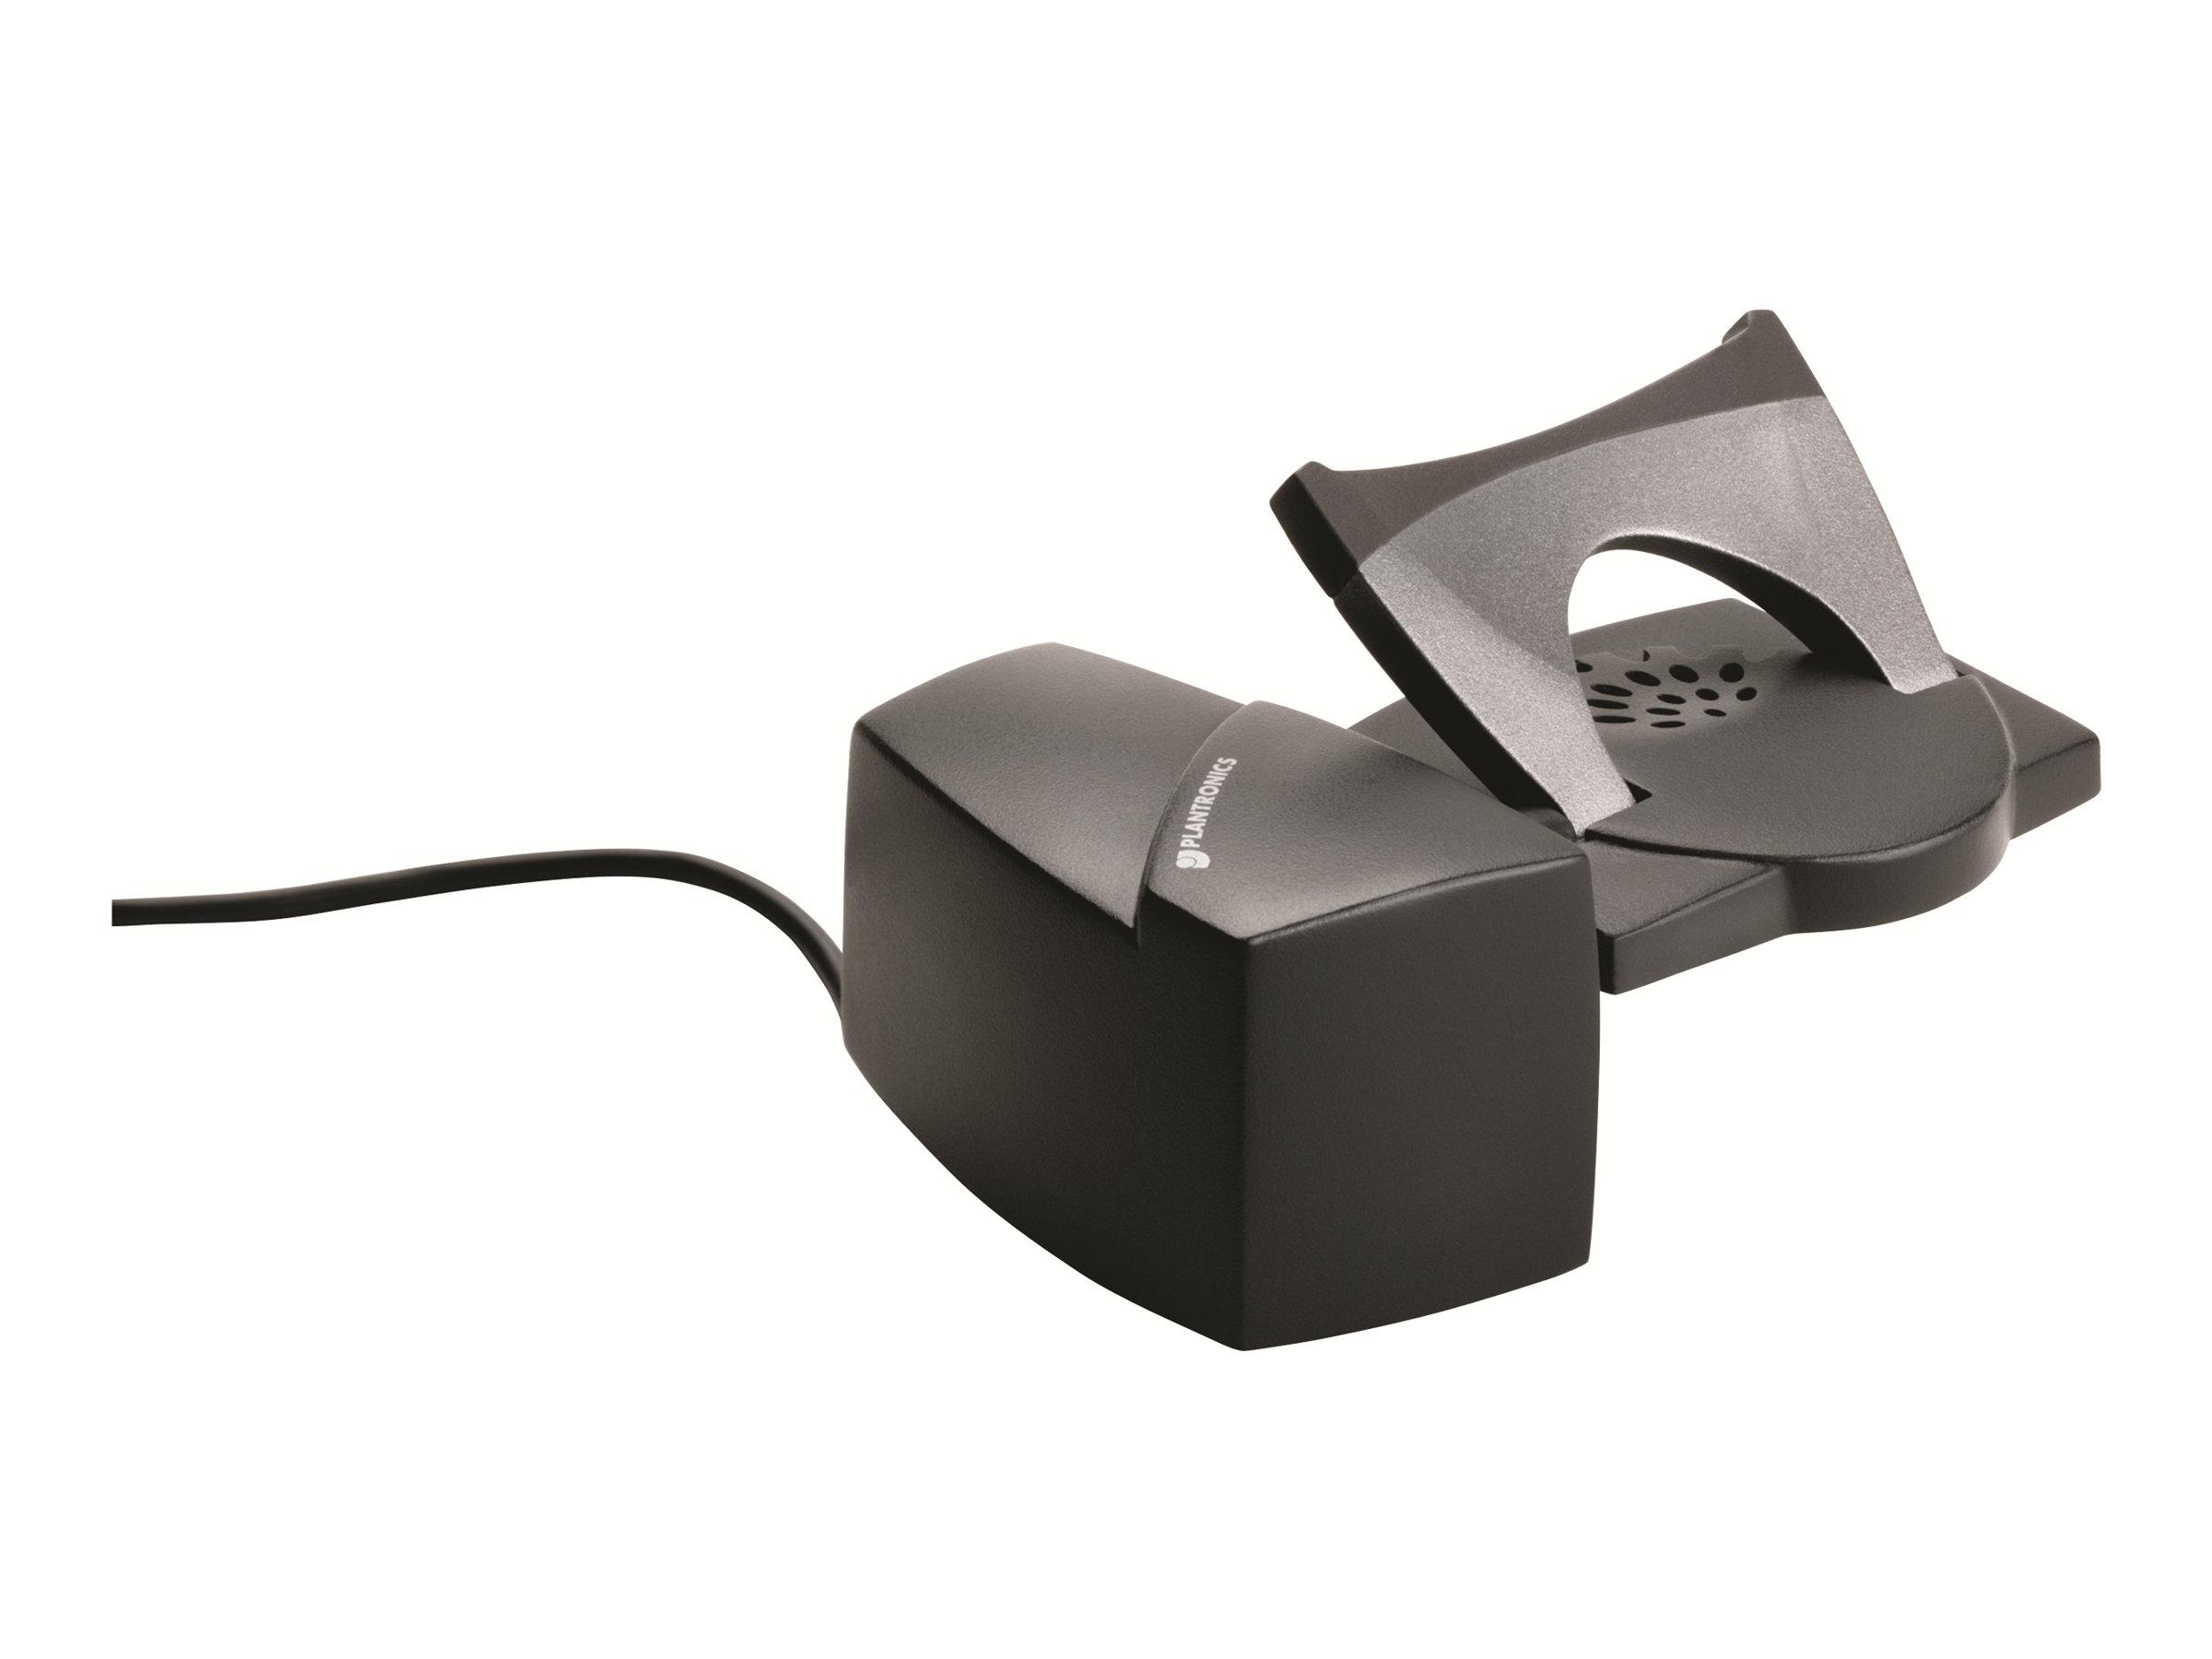 Plantronics HL 10 - Telefonhörer-Lifter - für CS 510, 520, 530, 540; Savi W710, W720, W730, W740